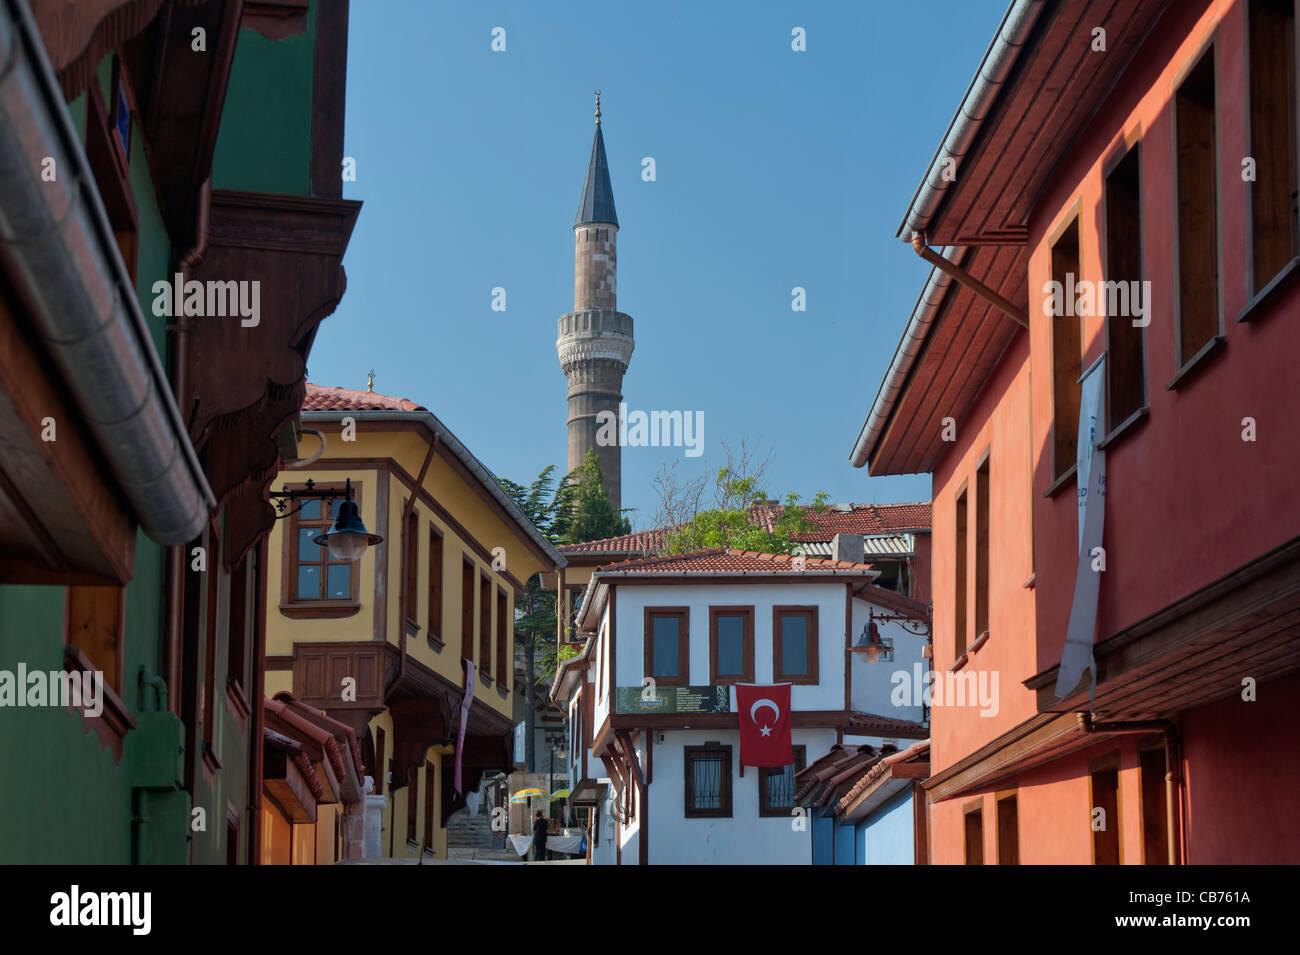 Odunpazarı casas tradicional turca Eskişehir Turquía Imagen De Stock